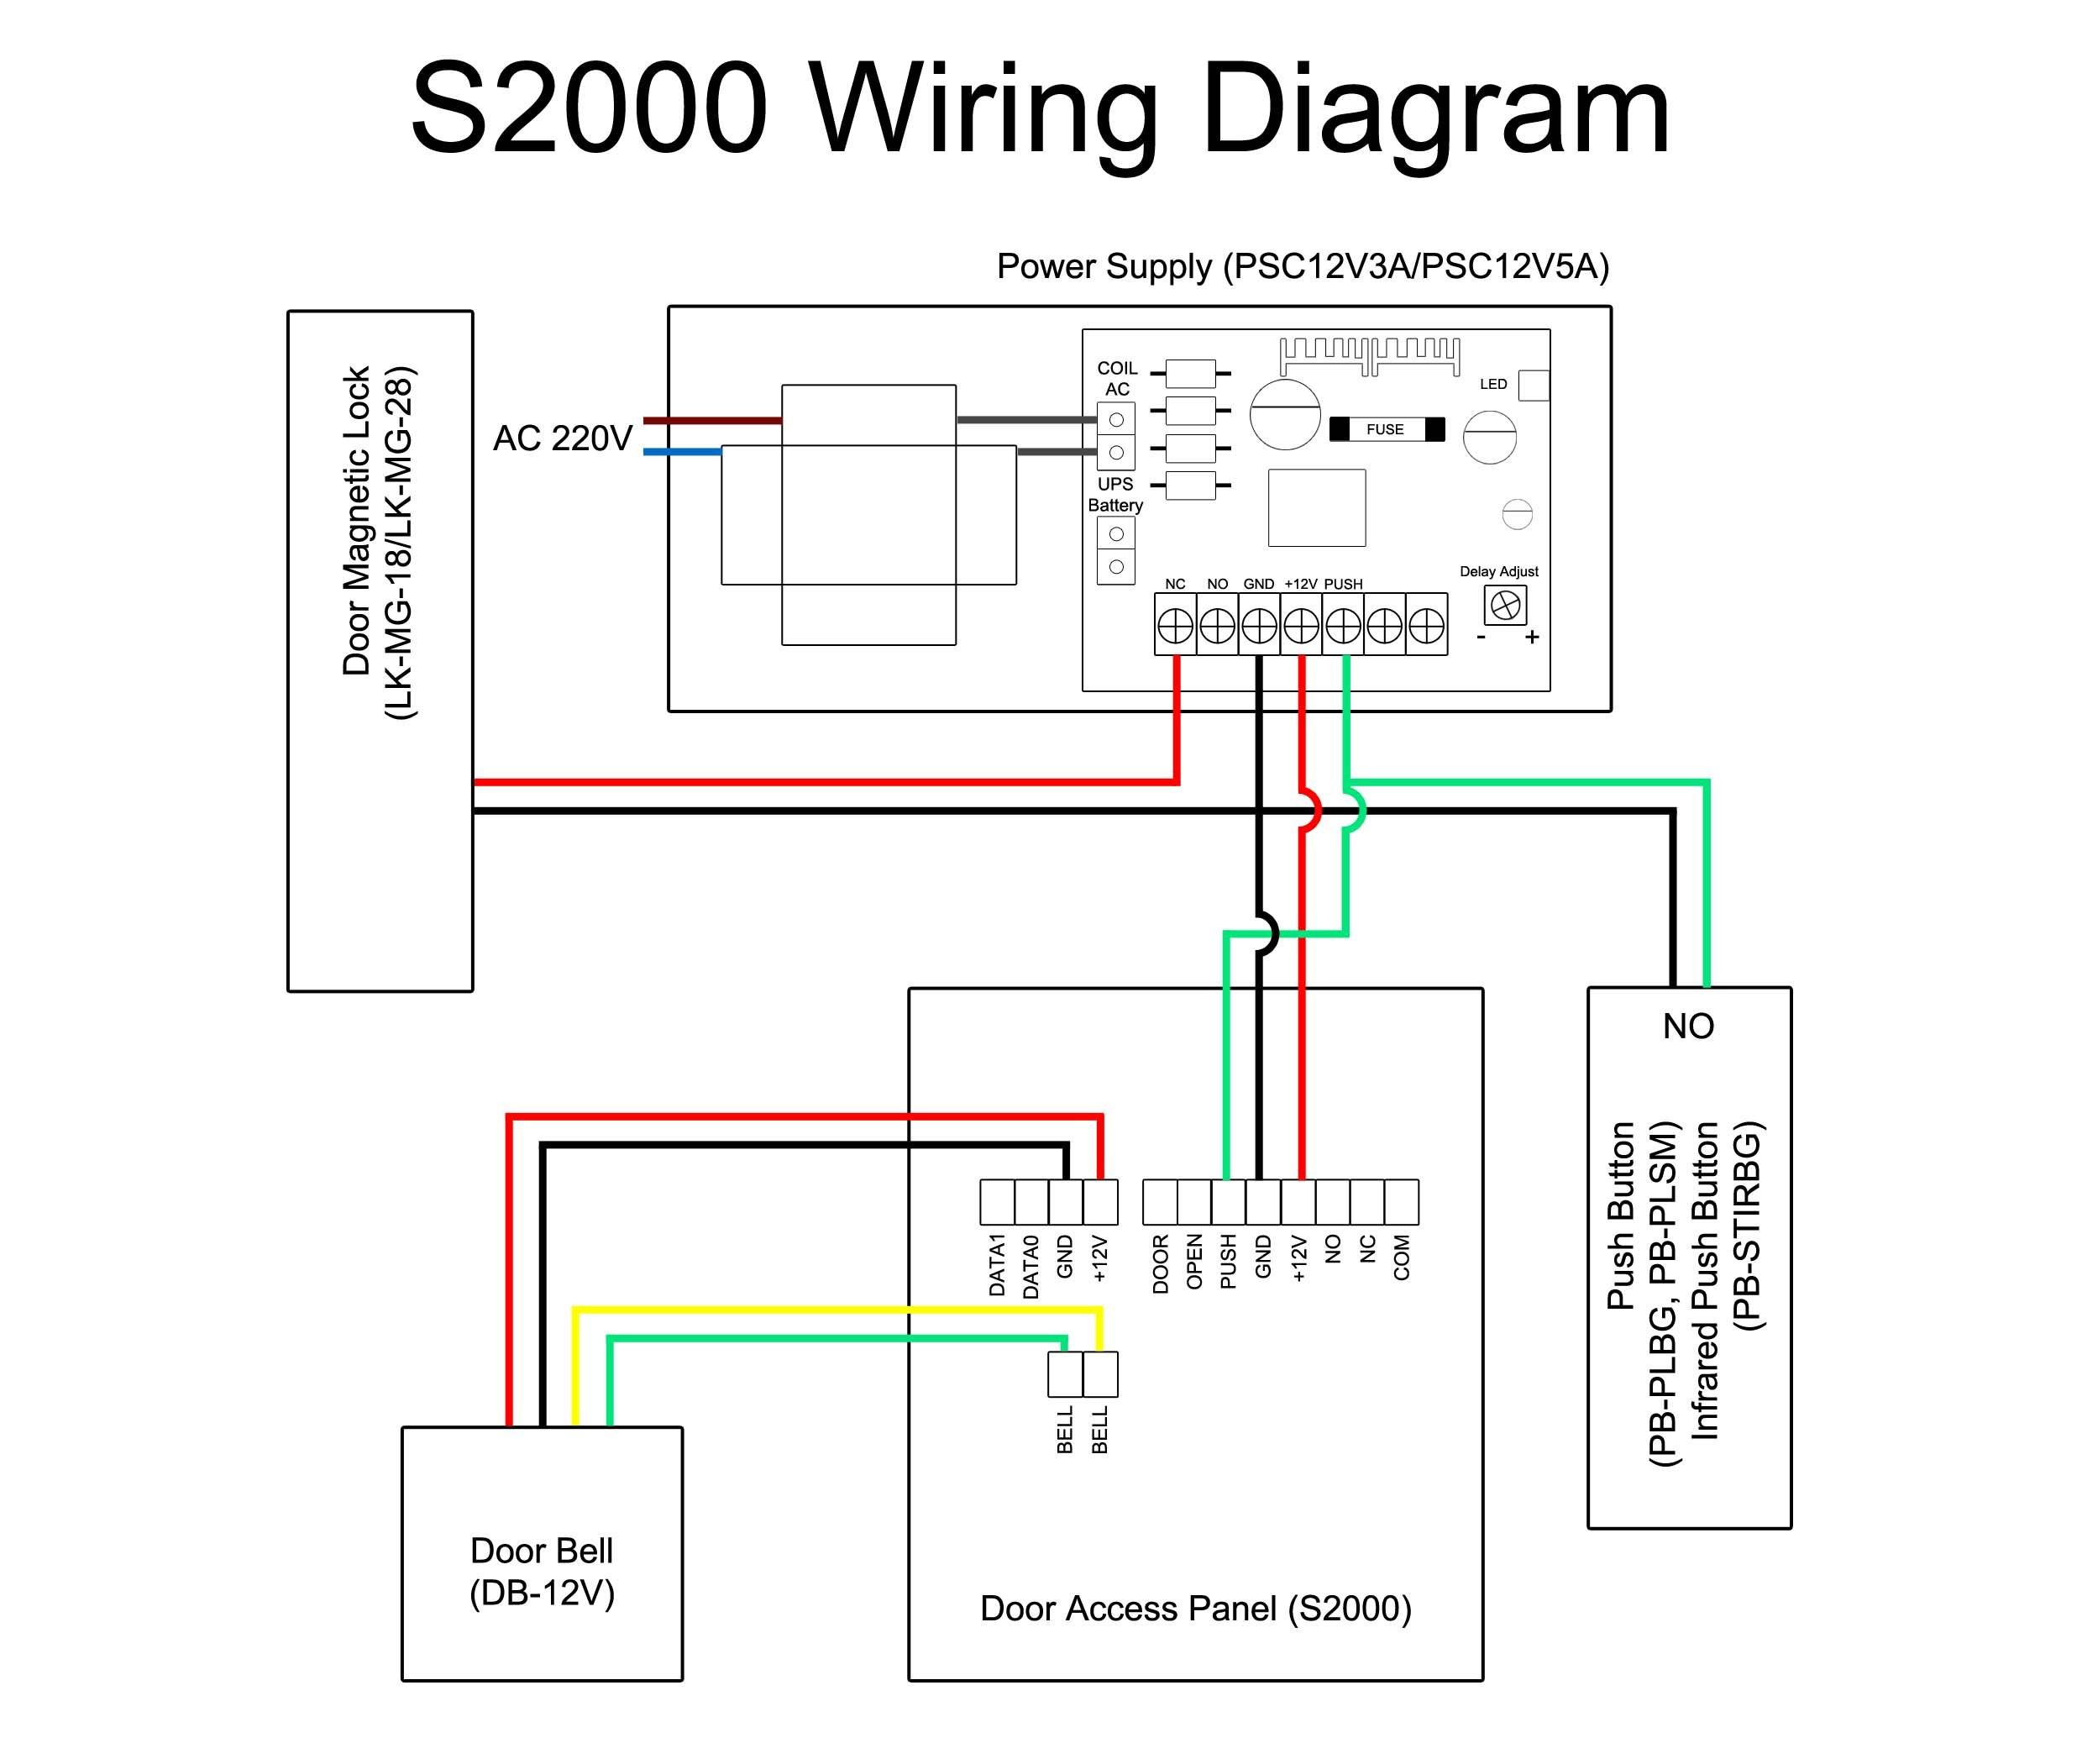 Voyager Backup Camera Wiring Diagram   Wiring Diagram - Voyager Backup Camera Wiring Diagram